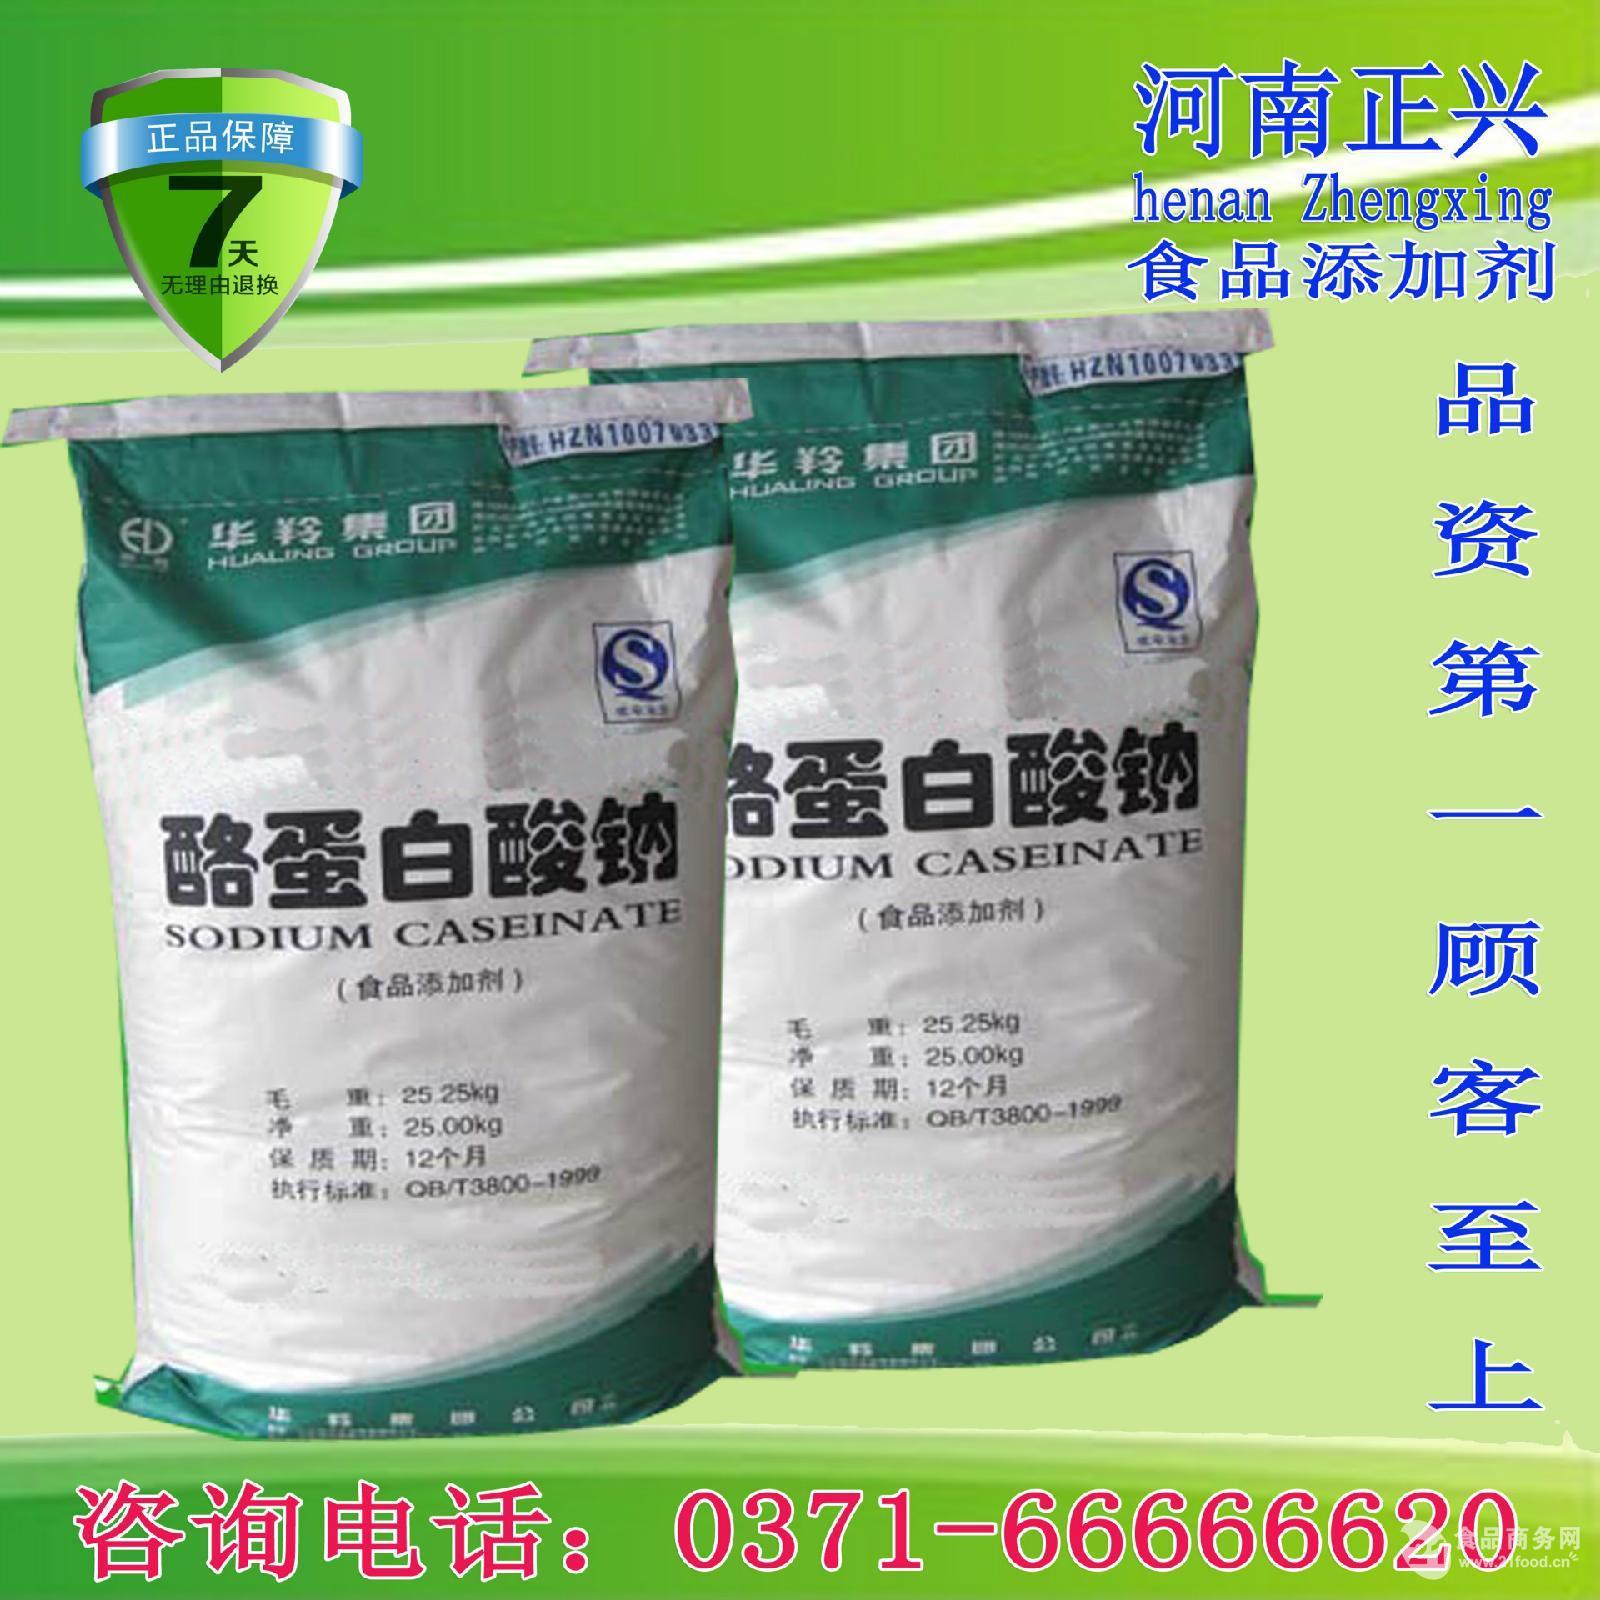 专业供应优质食品级 酪蛋白酸钠 酪朊酸钠 9